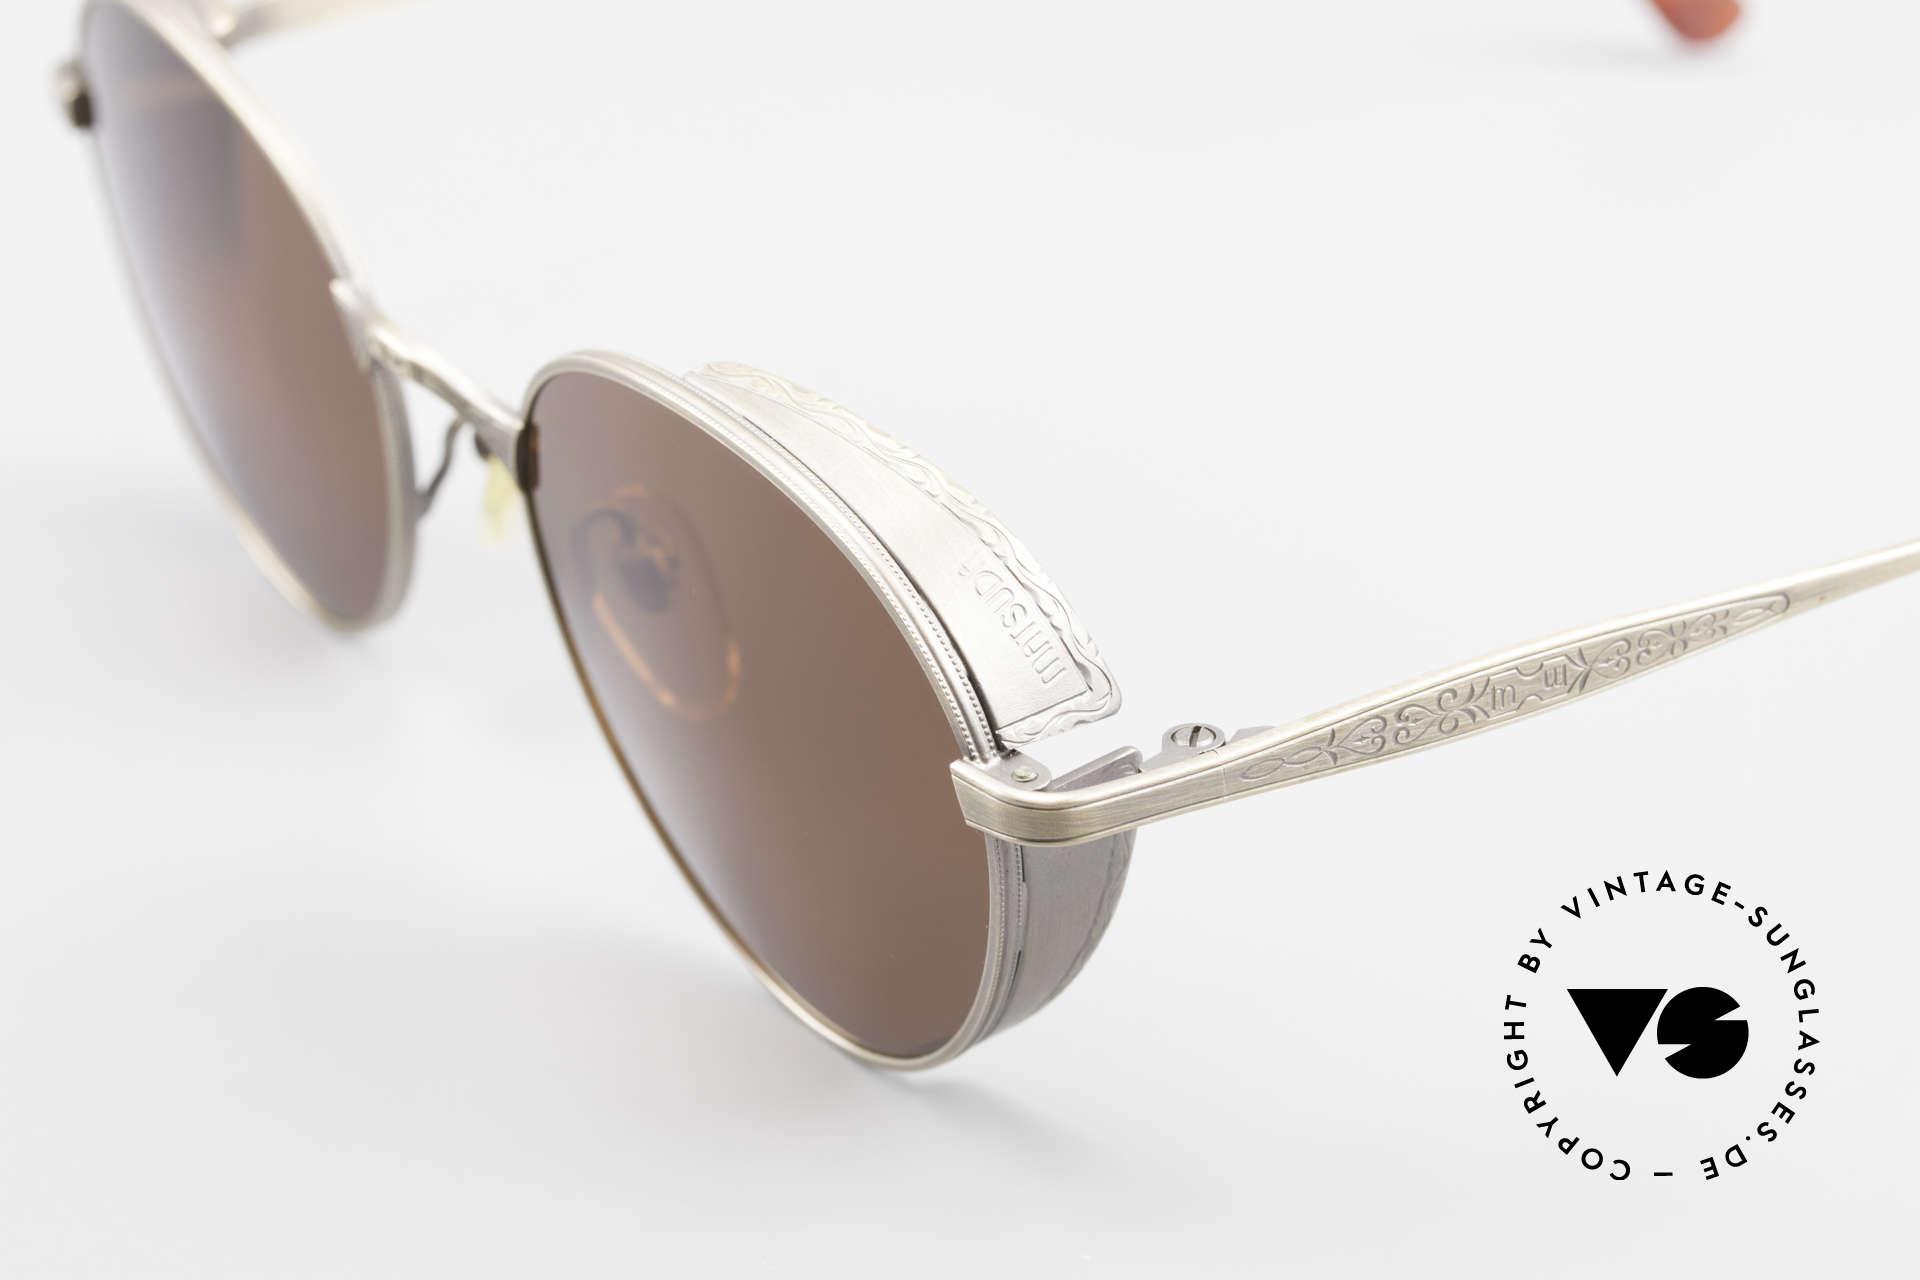 Matsuda 2829 Rare Vintage Steampunk Brille, wahre Handwerkskunst (made in Japan), die Zeit kostet, Passend für Herren und Damen